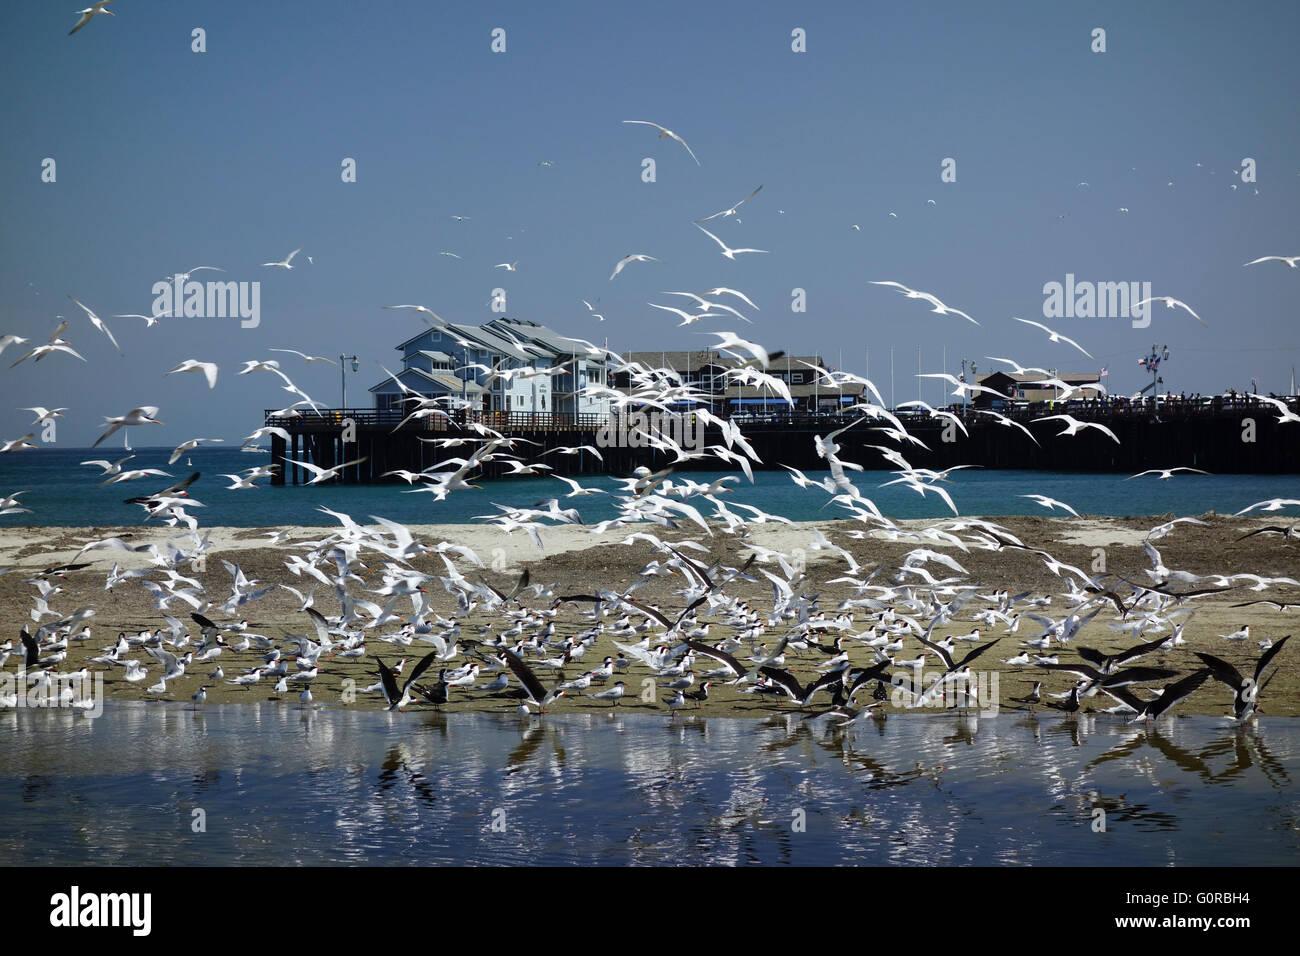 Seevögel und Möwen im Flug in der Nähe von Strand neben Stearns Wharf im südlichen Kalifornien Stockbild